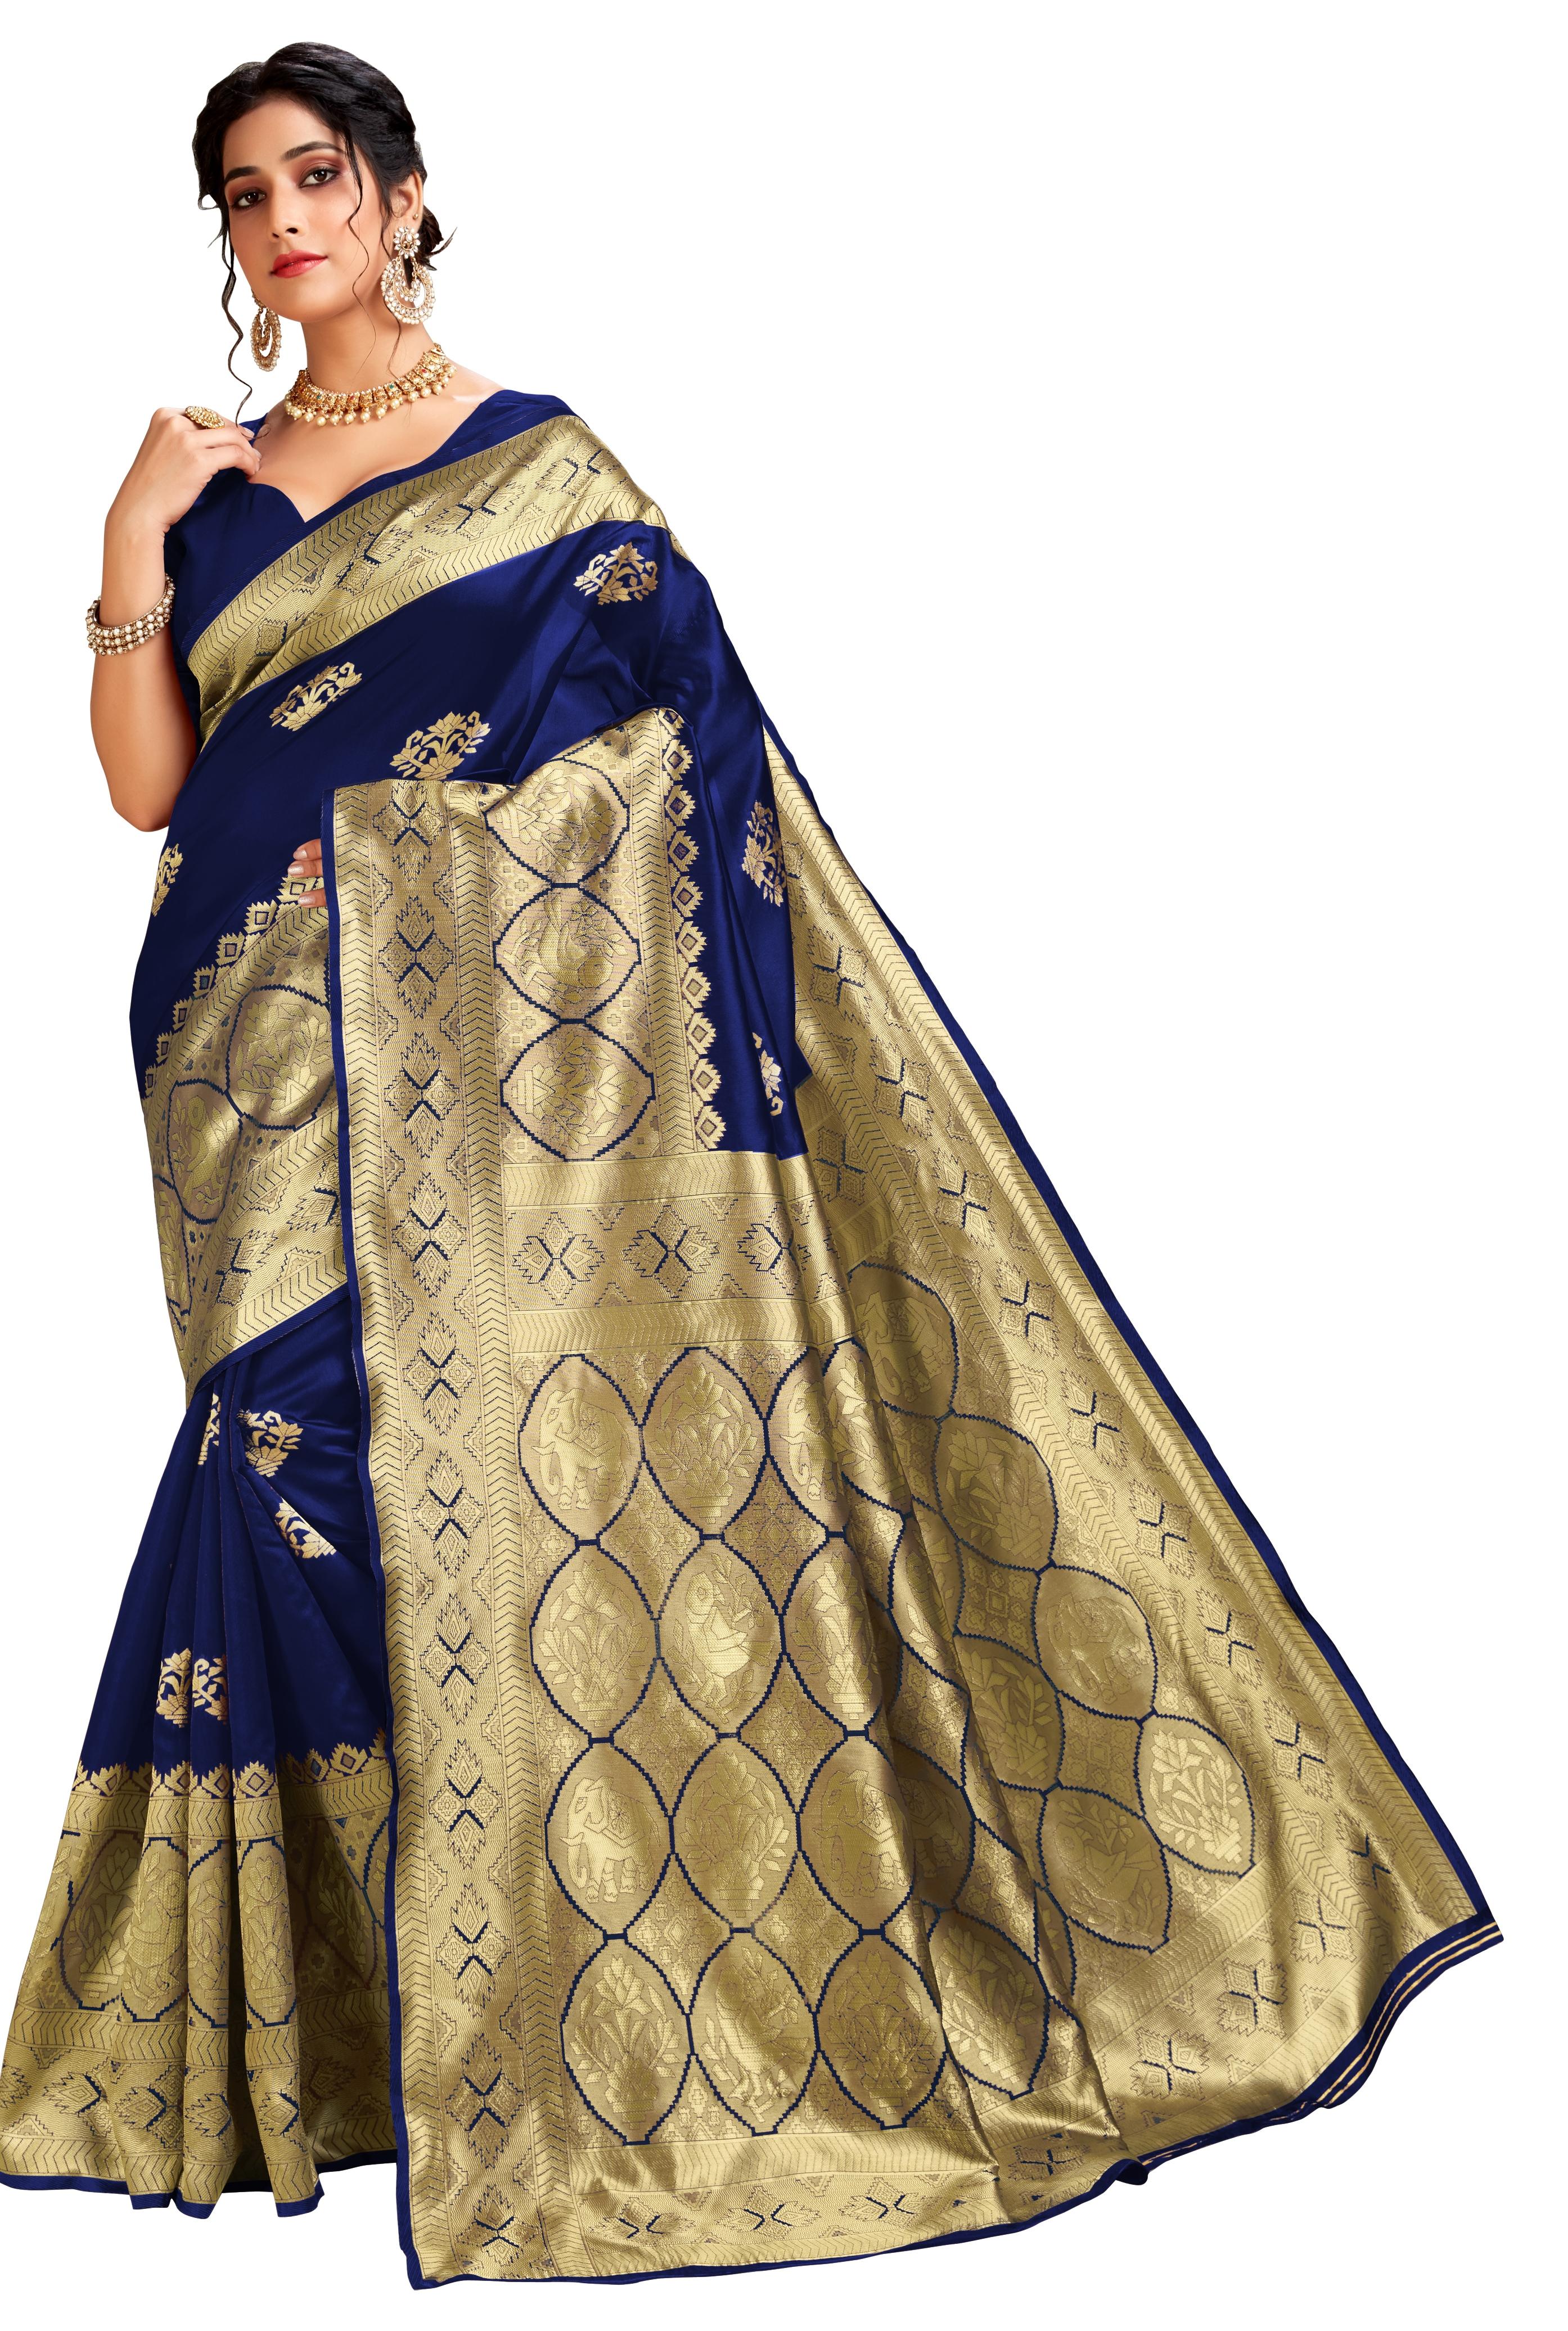 Glemora Blue Lichi Cotton Ekaya Saree With Unstitched Blouse